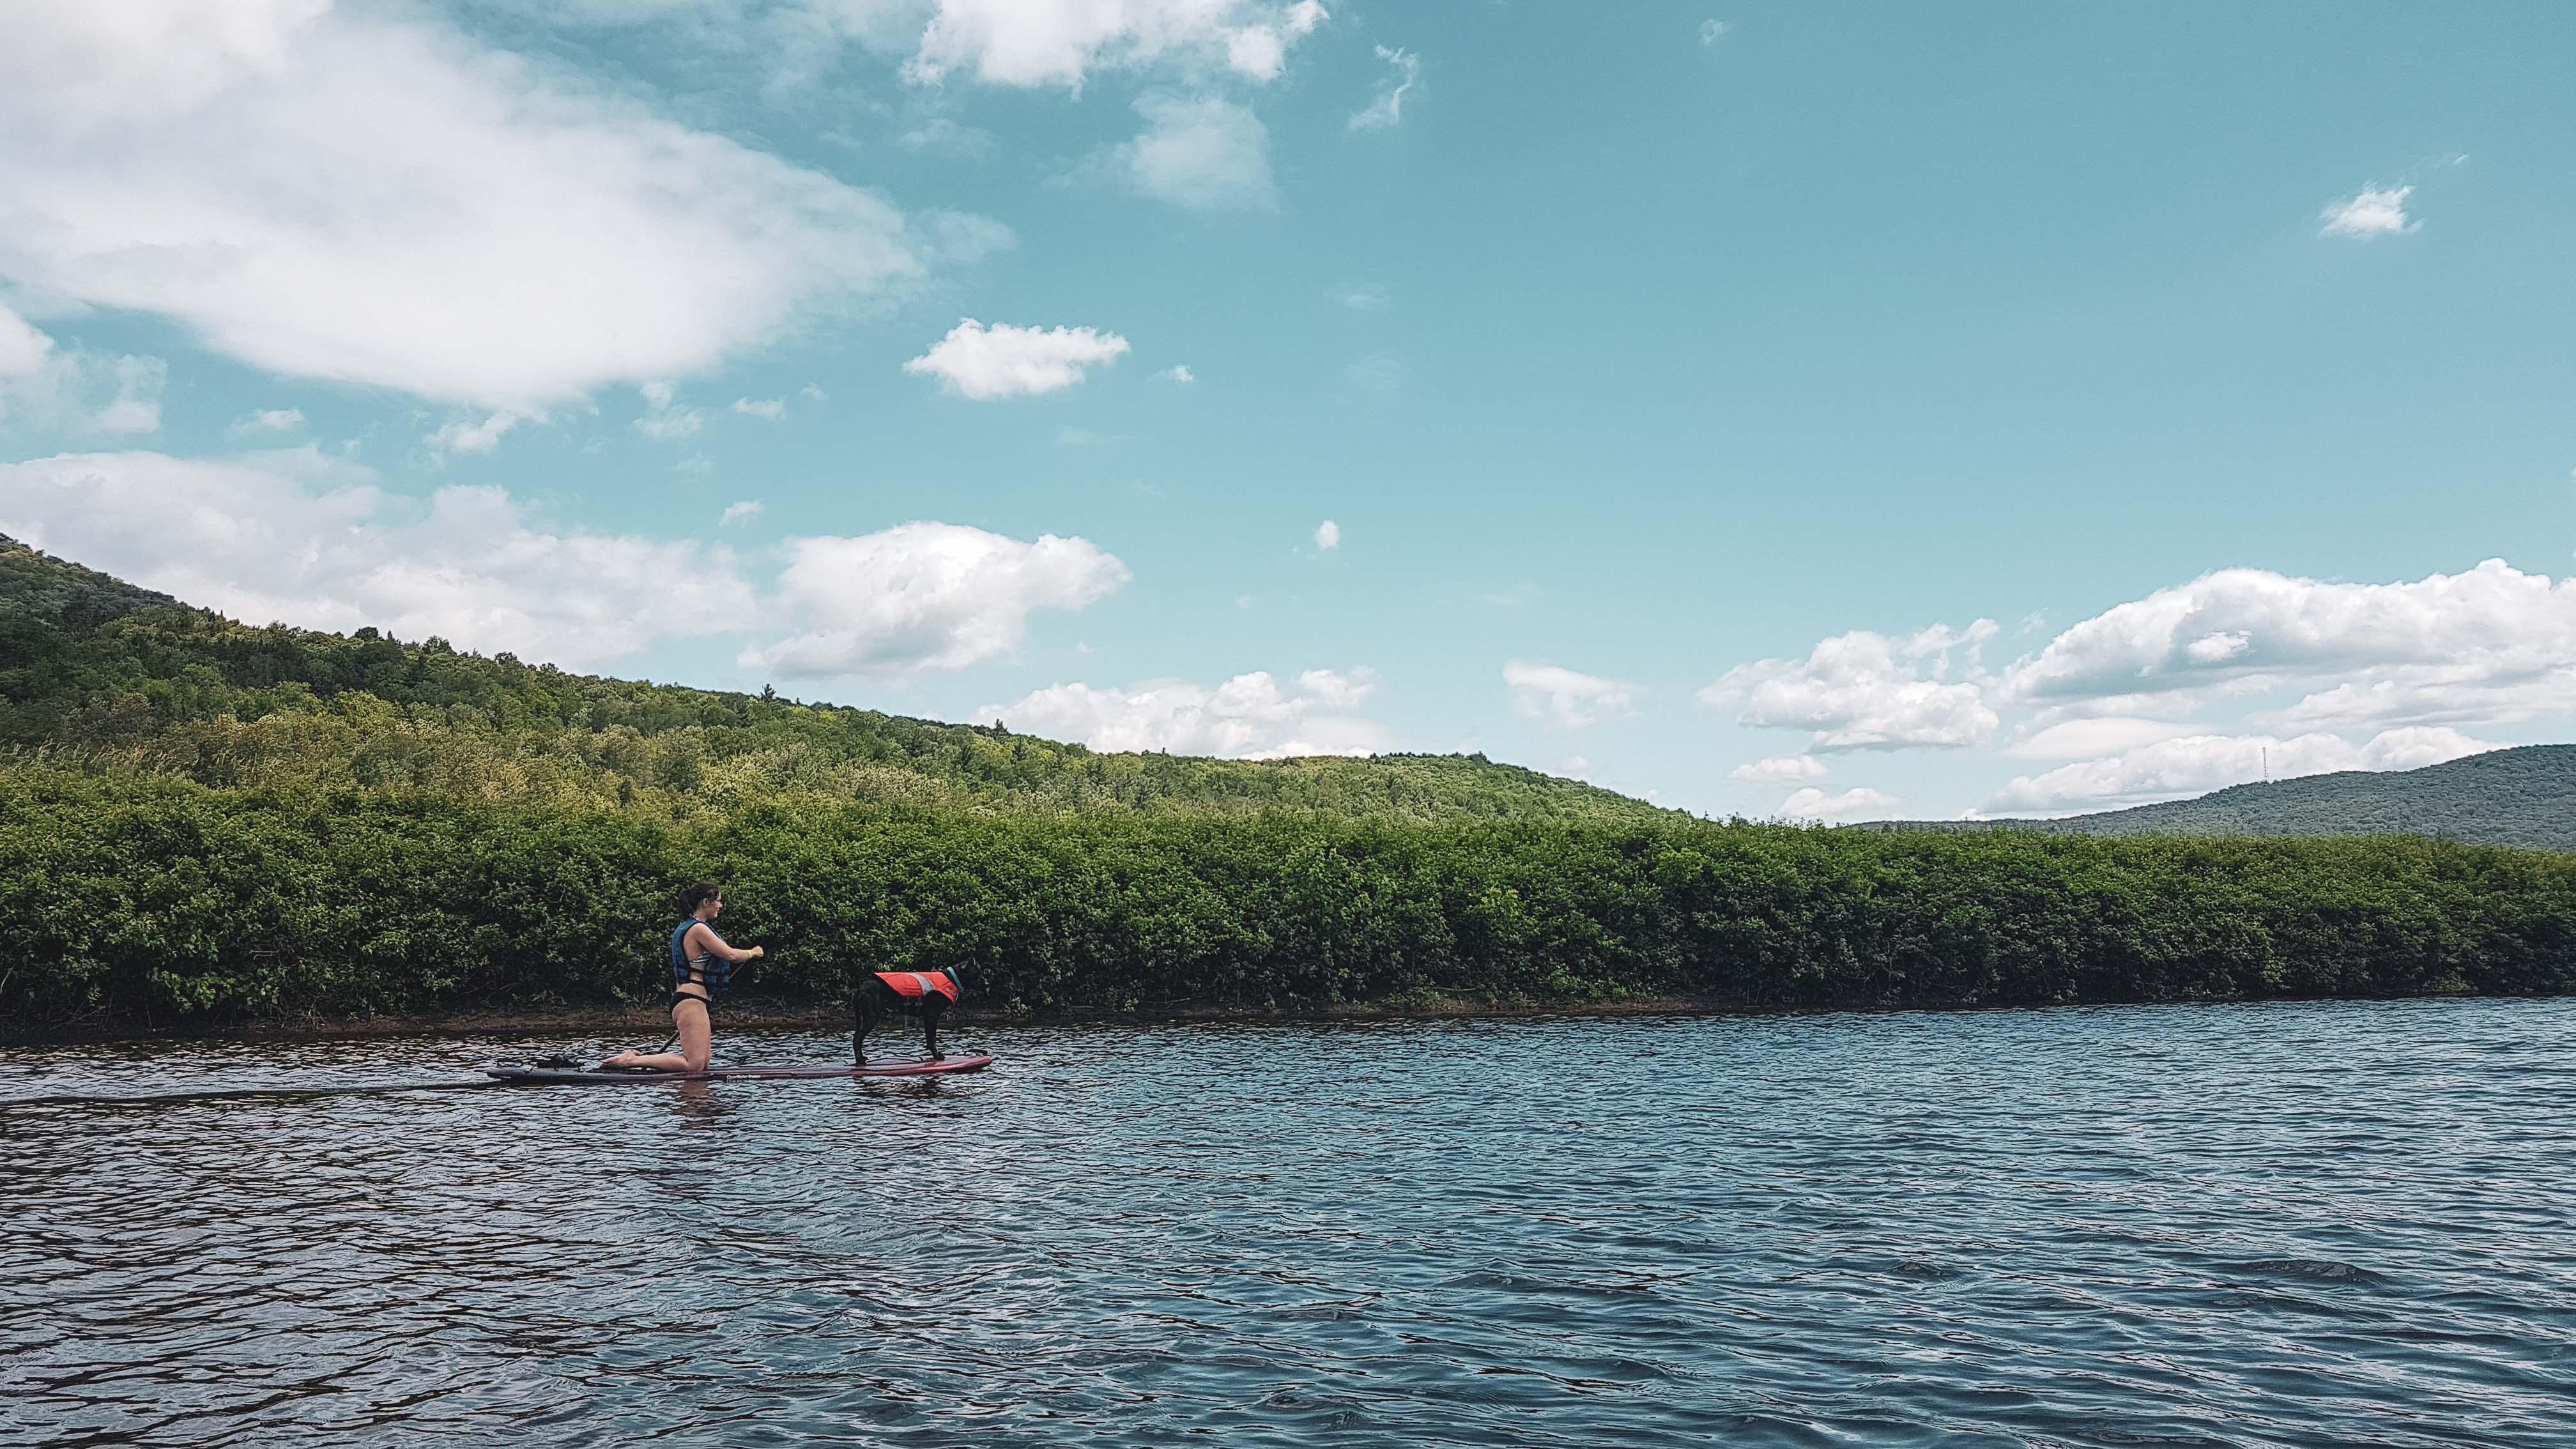 Enzo et Audrée sont sur un paddleboard sur la rivière. Derrière se trouvent des arbres. Audrée est sur ses genoux, Enzo porte une veste de flottaison orange. Les deux regarde vers l'avant.